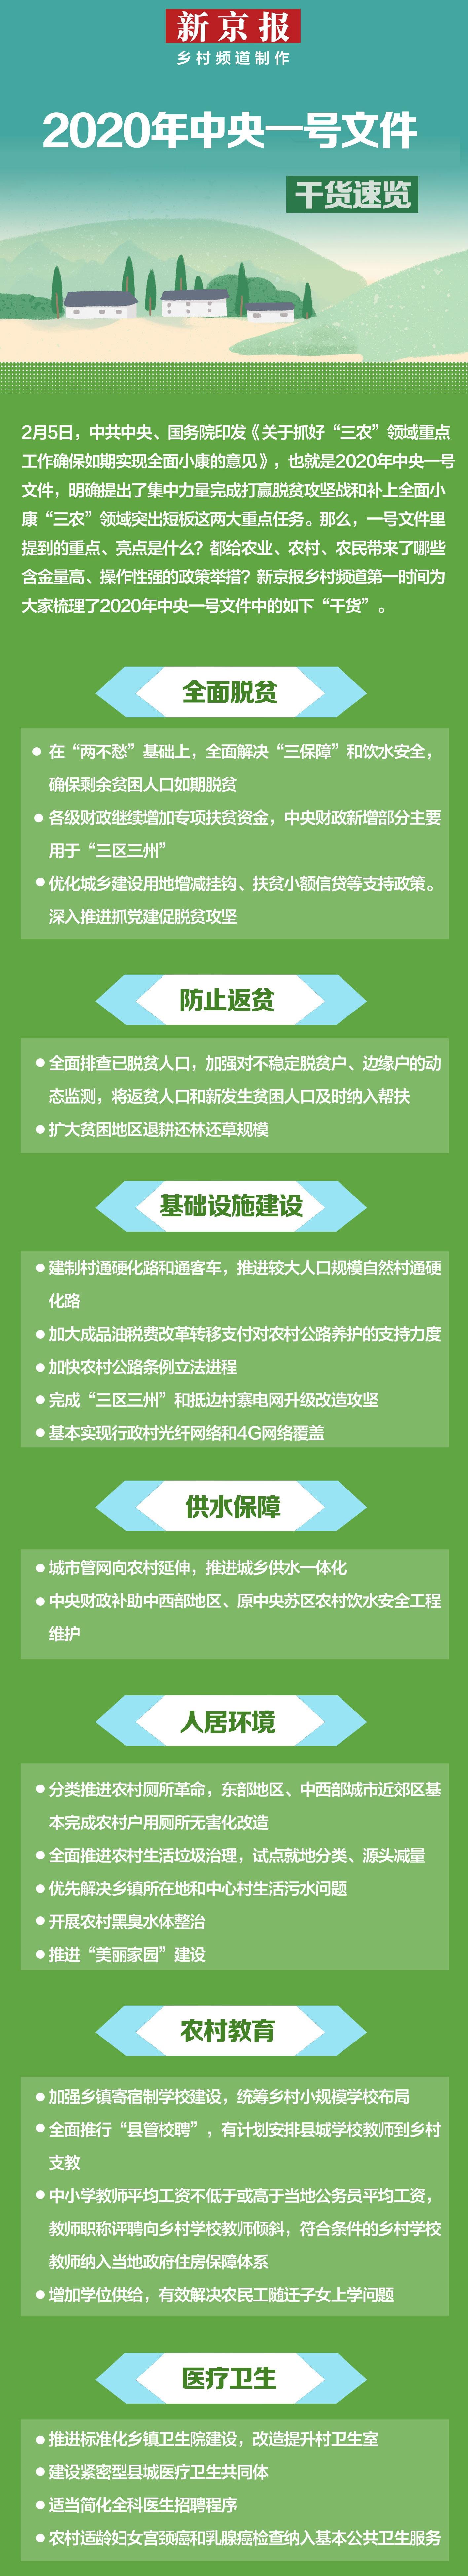 权威人士:虚拟货币在中国仍会严打严禁!